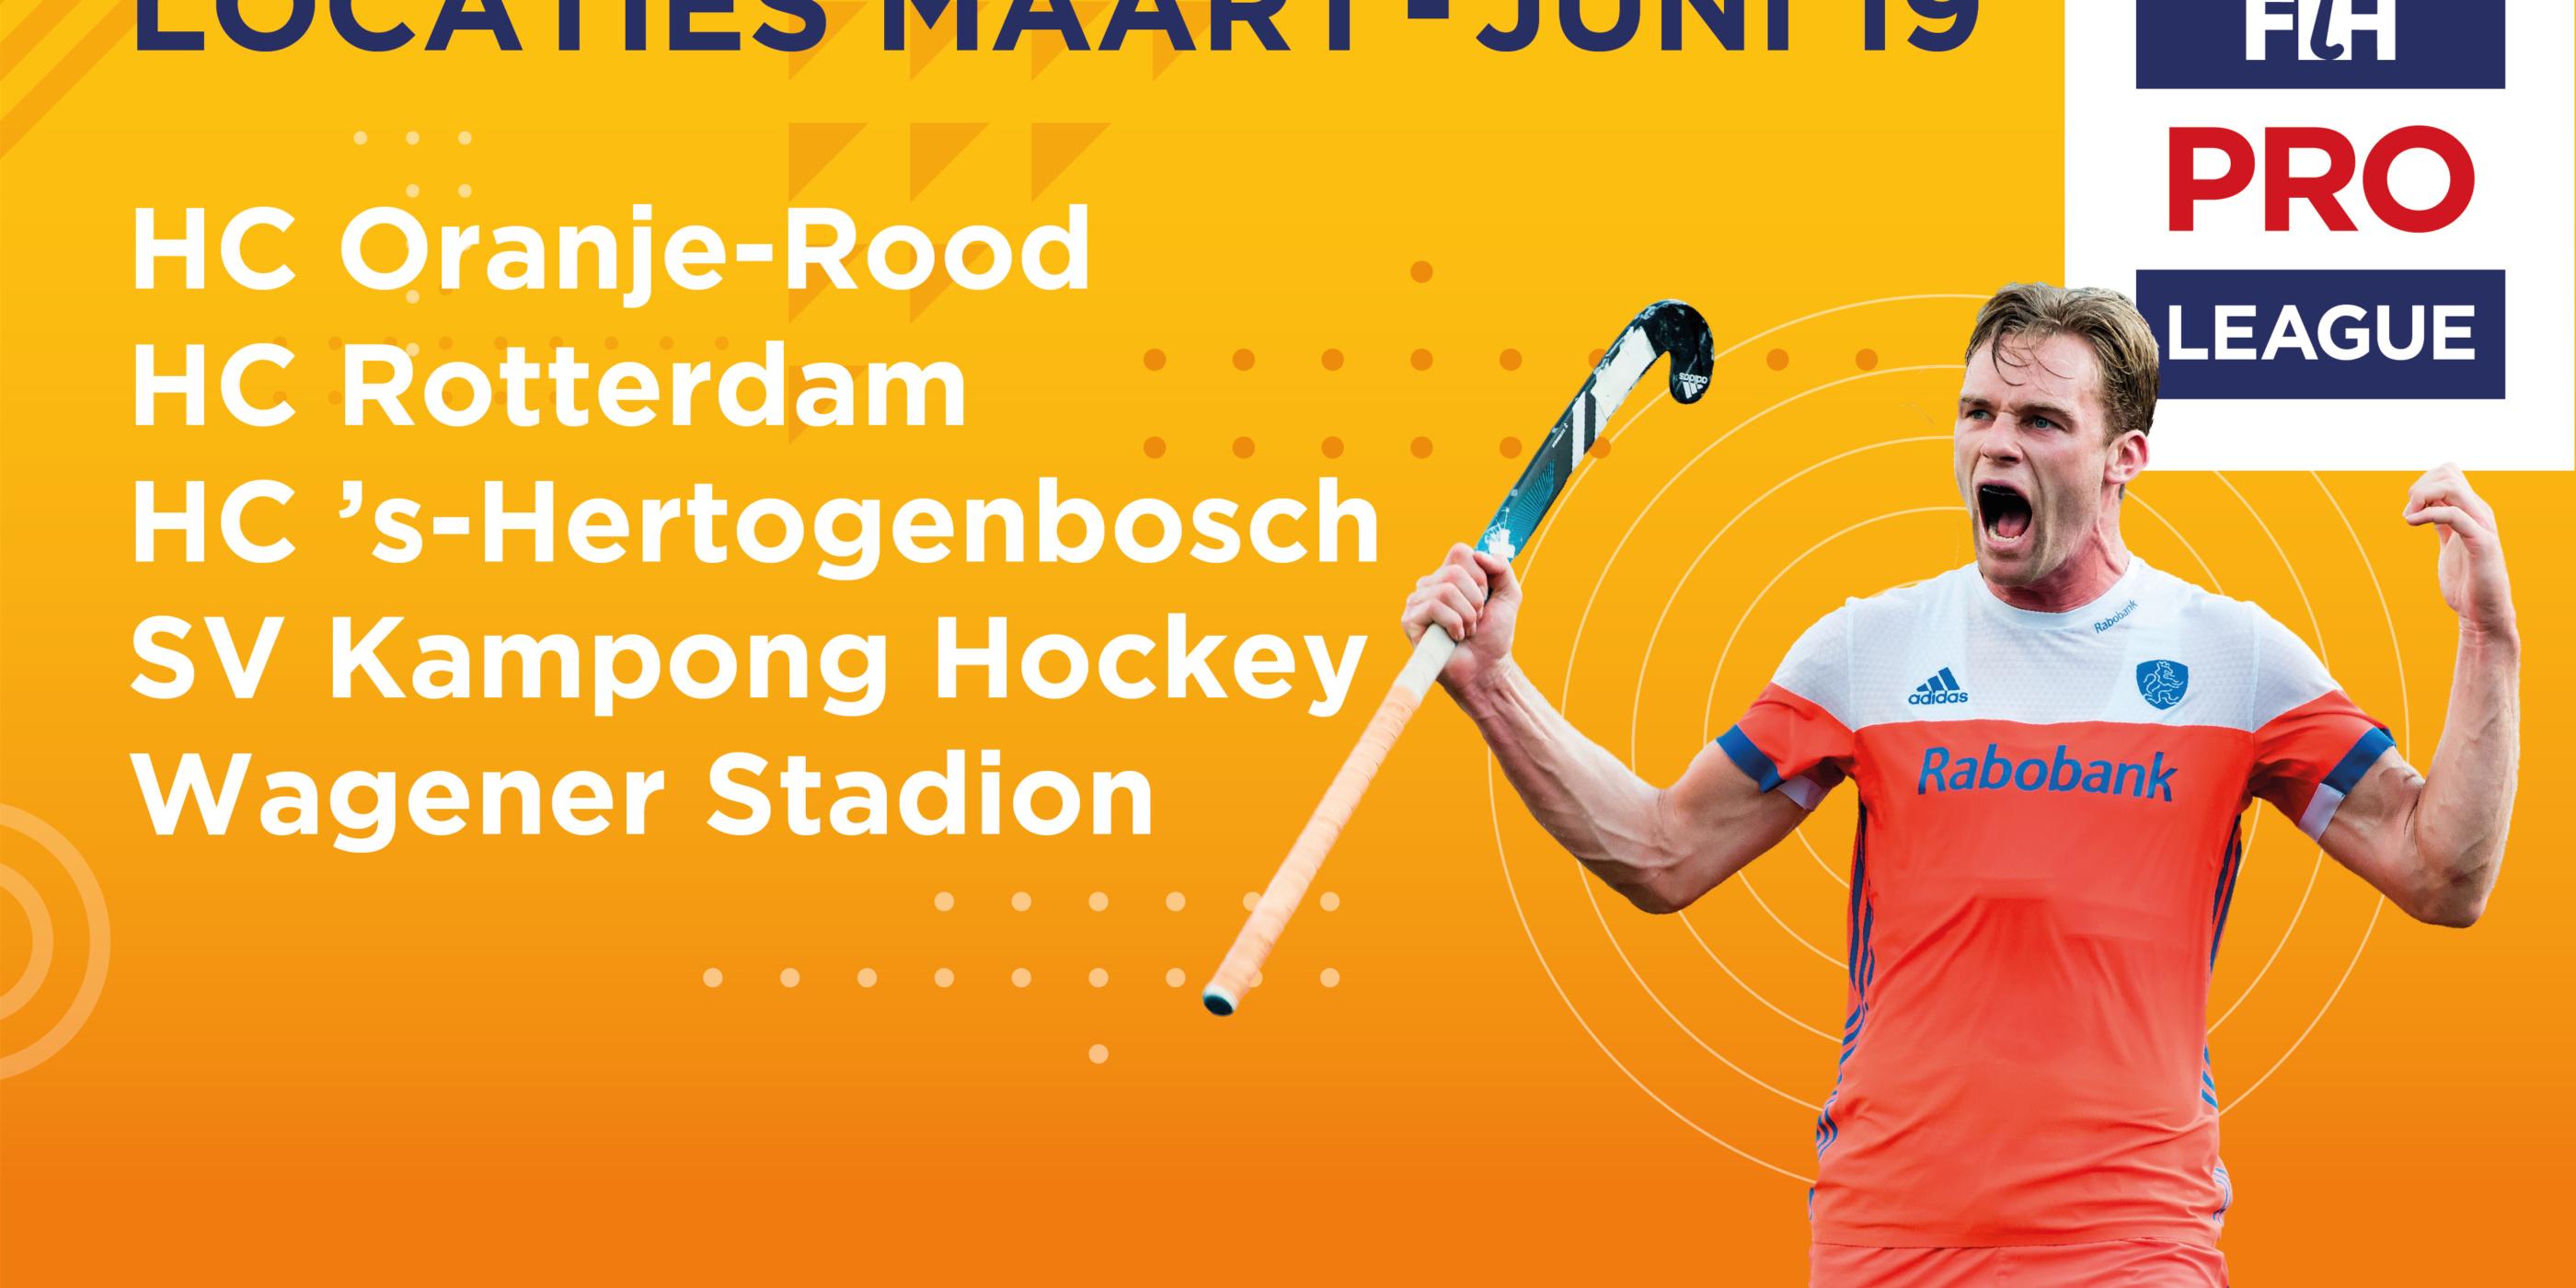 Locaties wedstrijden FIH Pro League in Nederland bekend